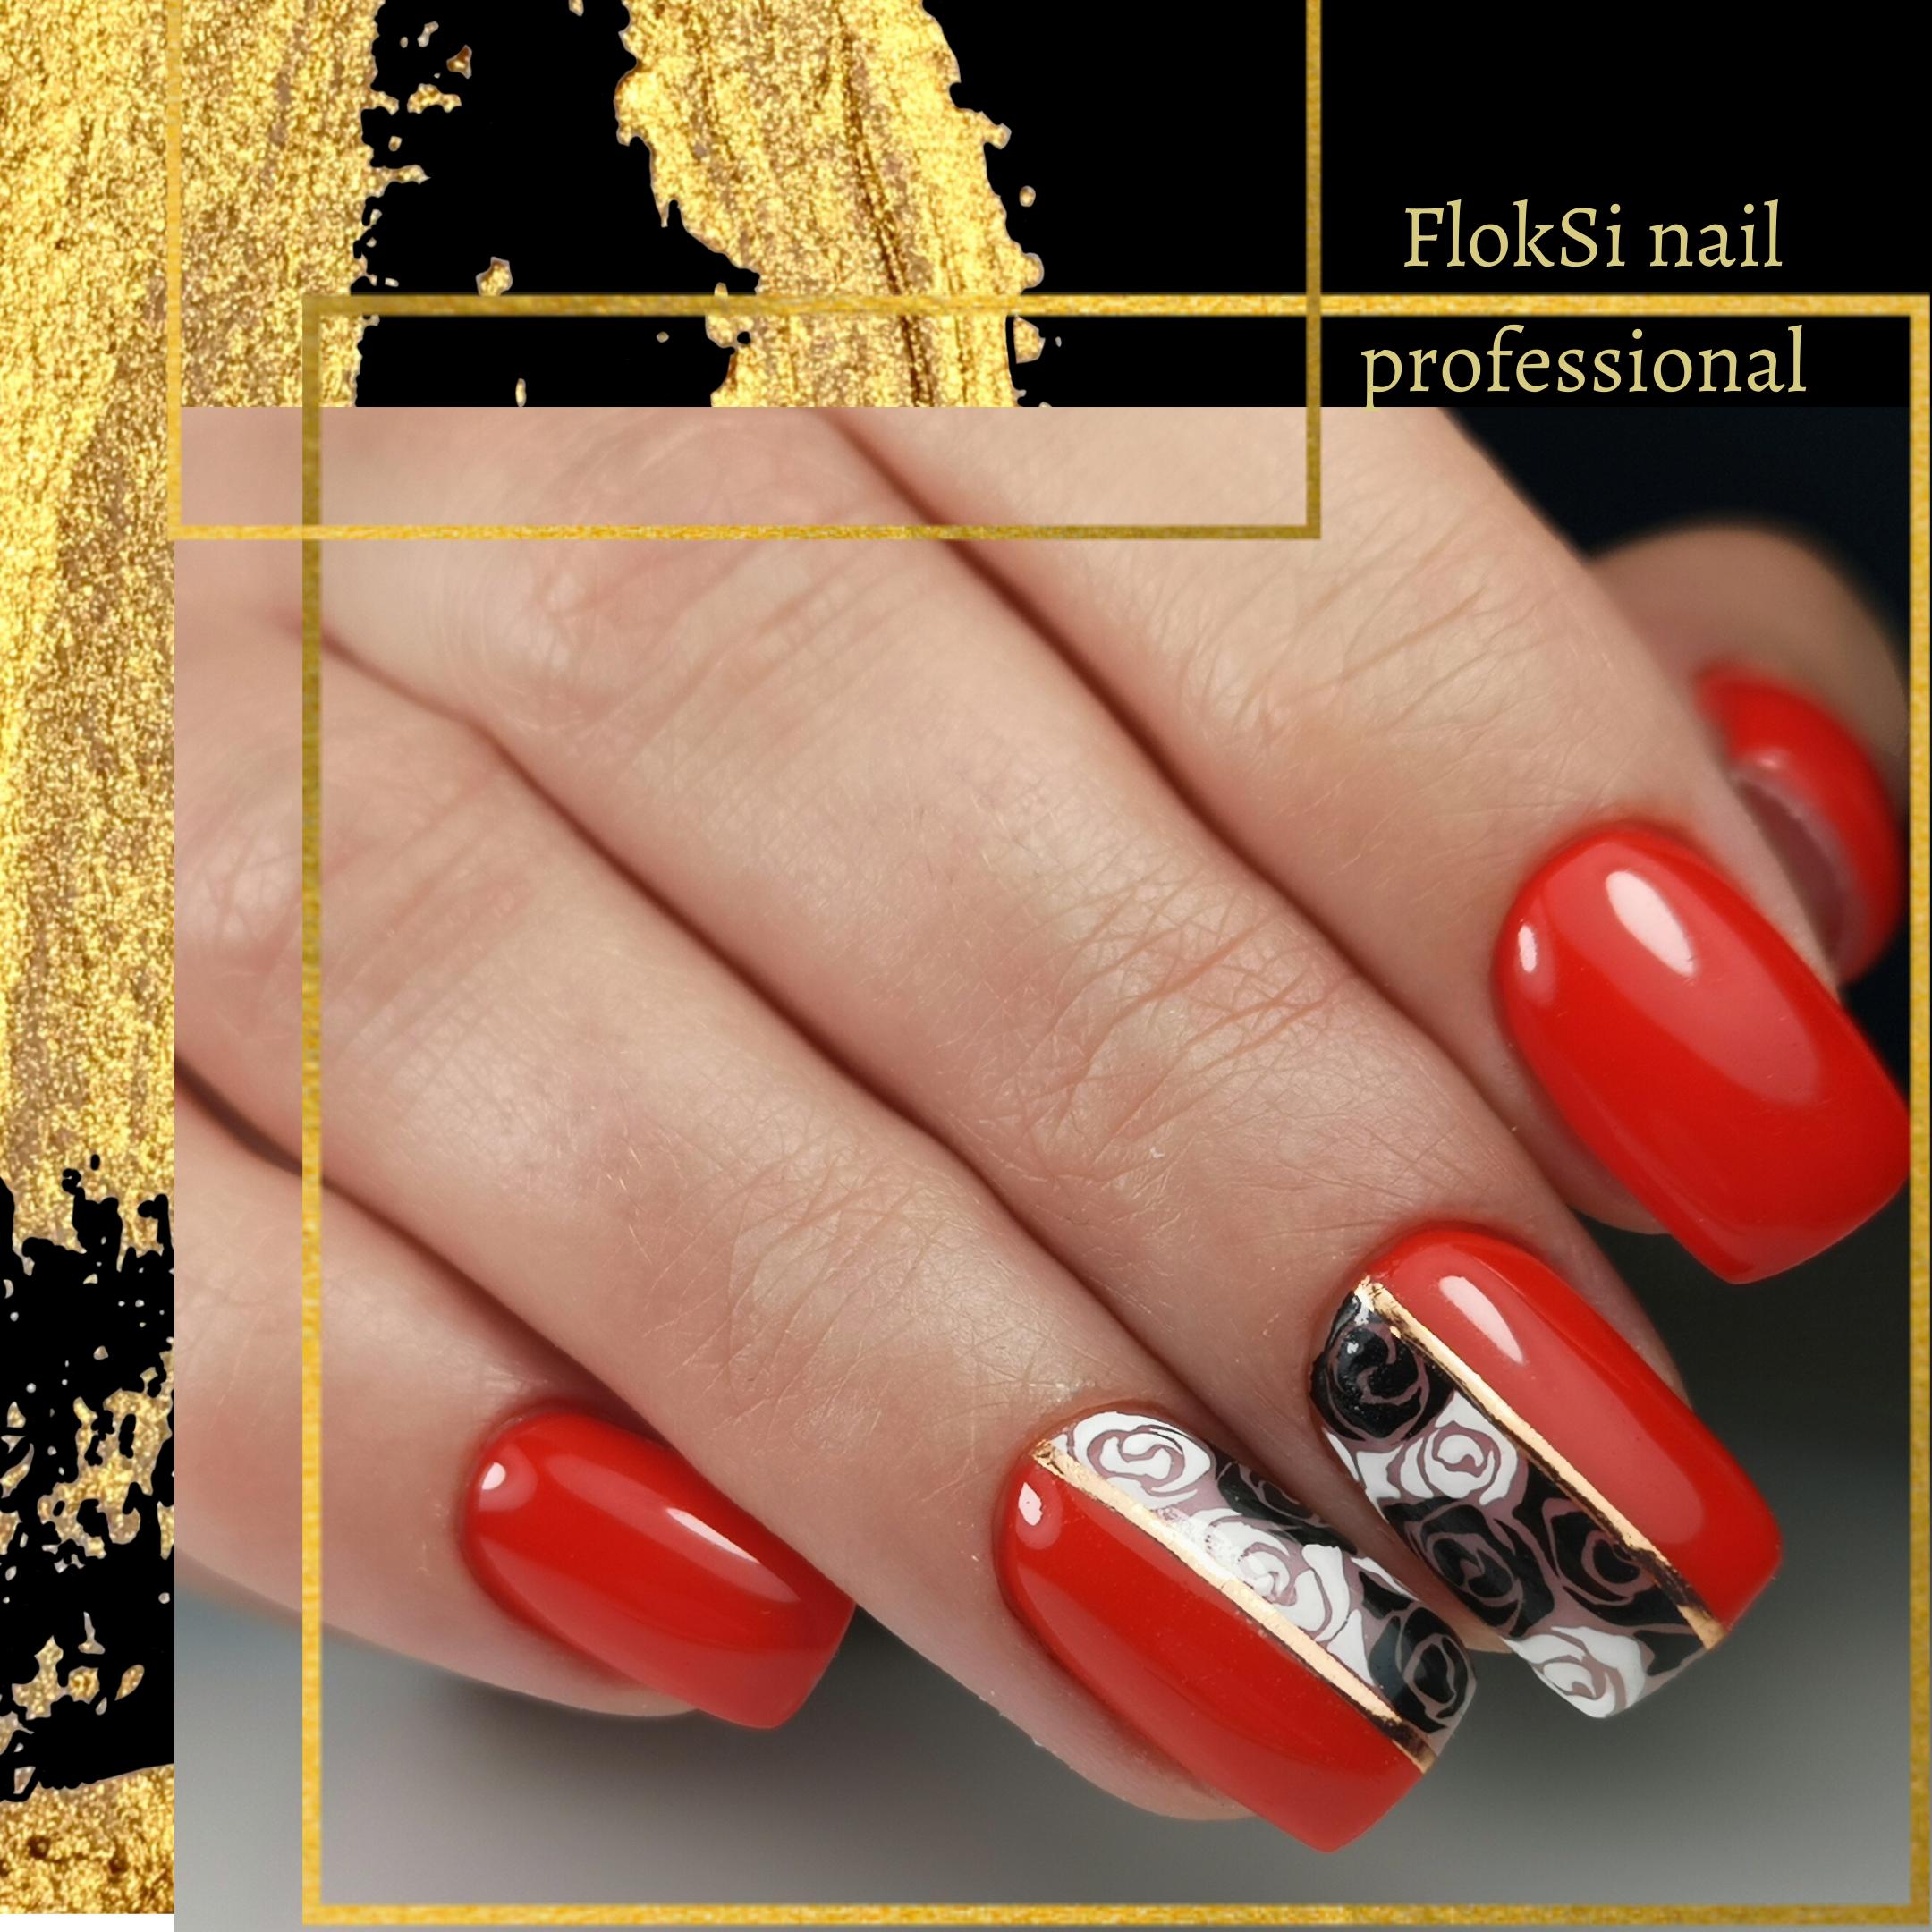 Маникюр с цветочными слайдерами в красном цвете на короткие ногти.